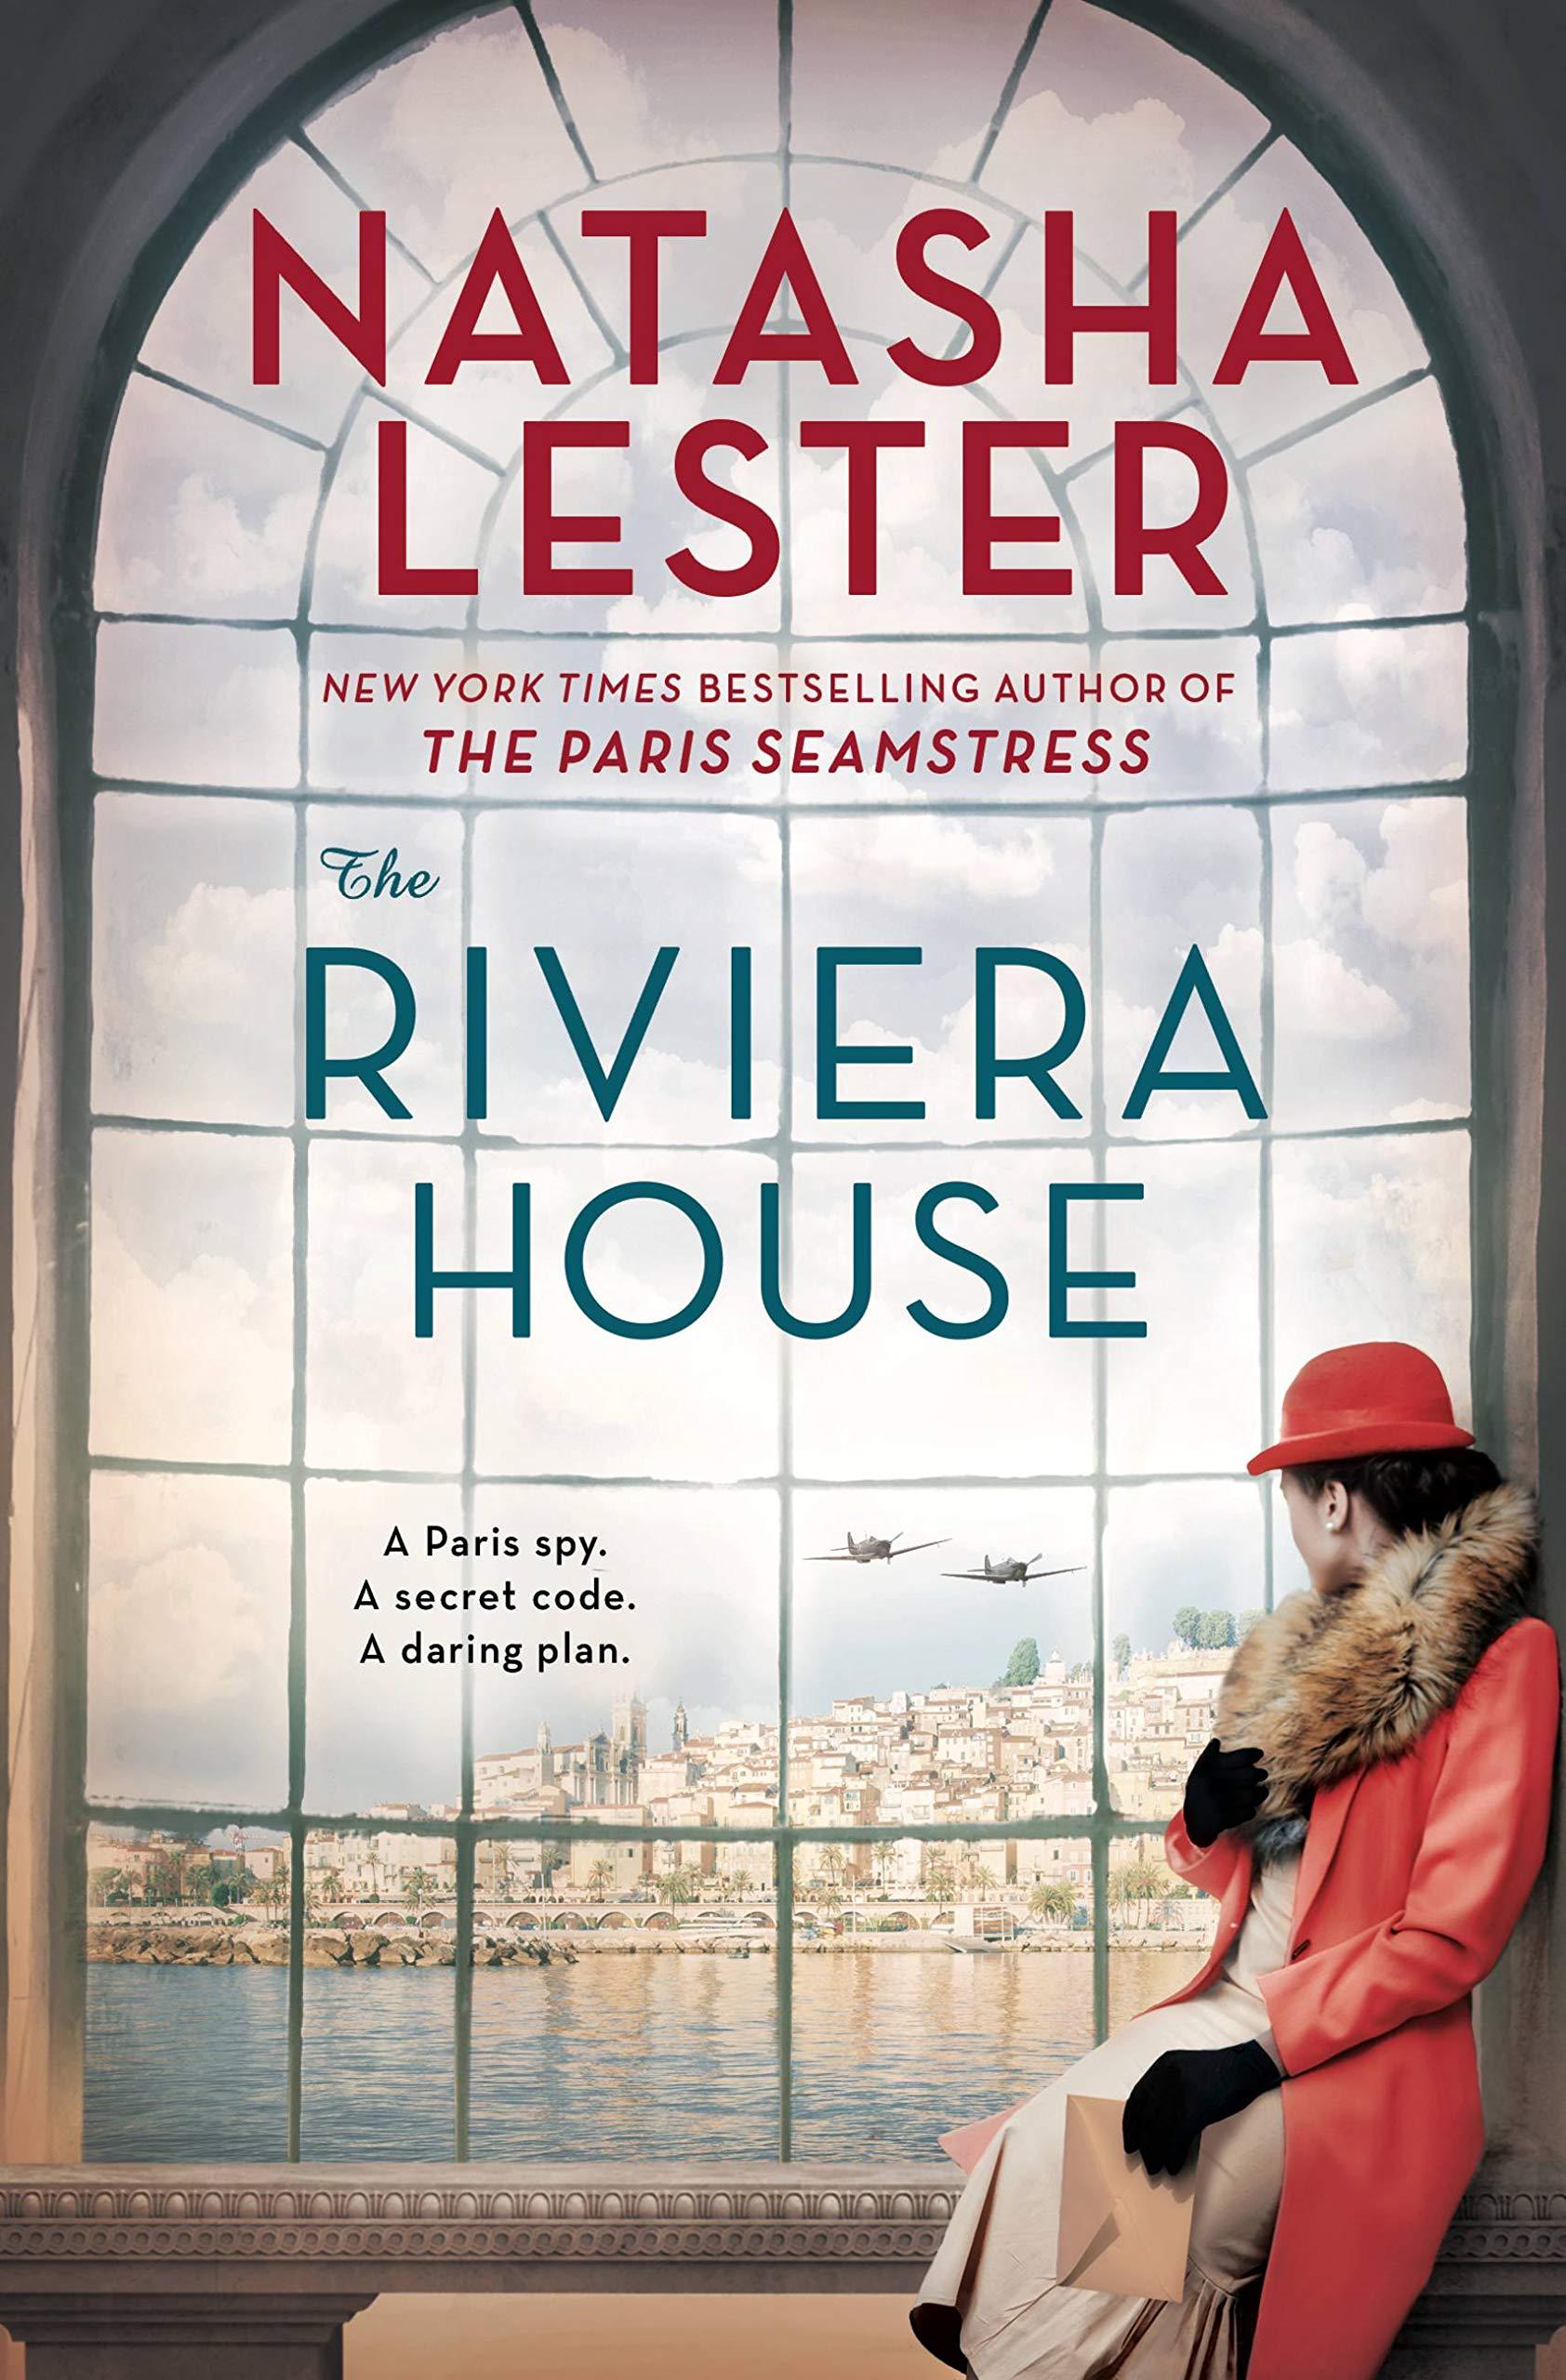 RivieraHouse